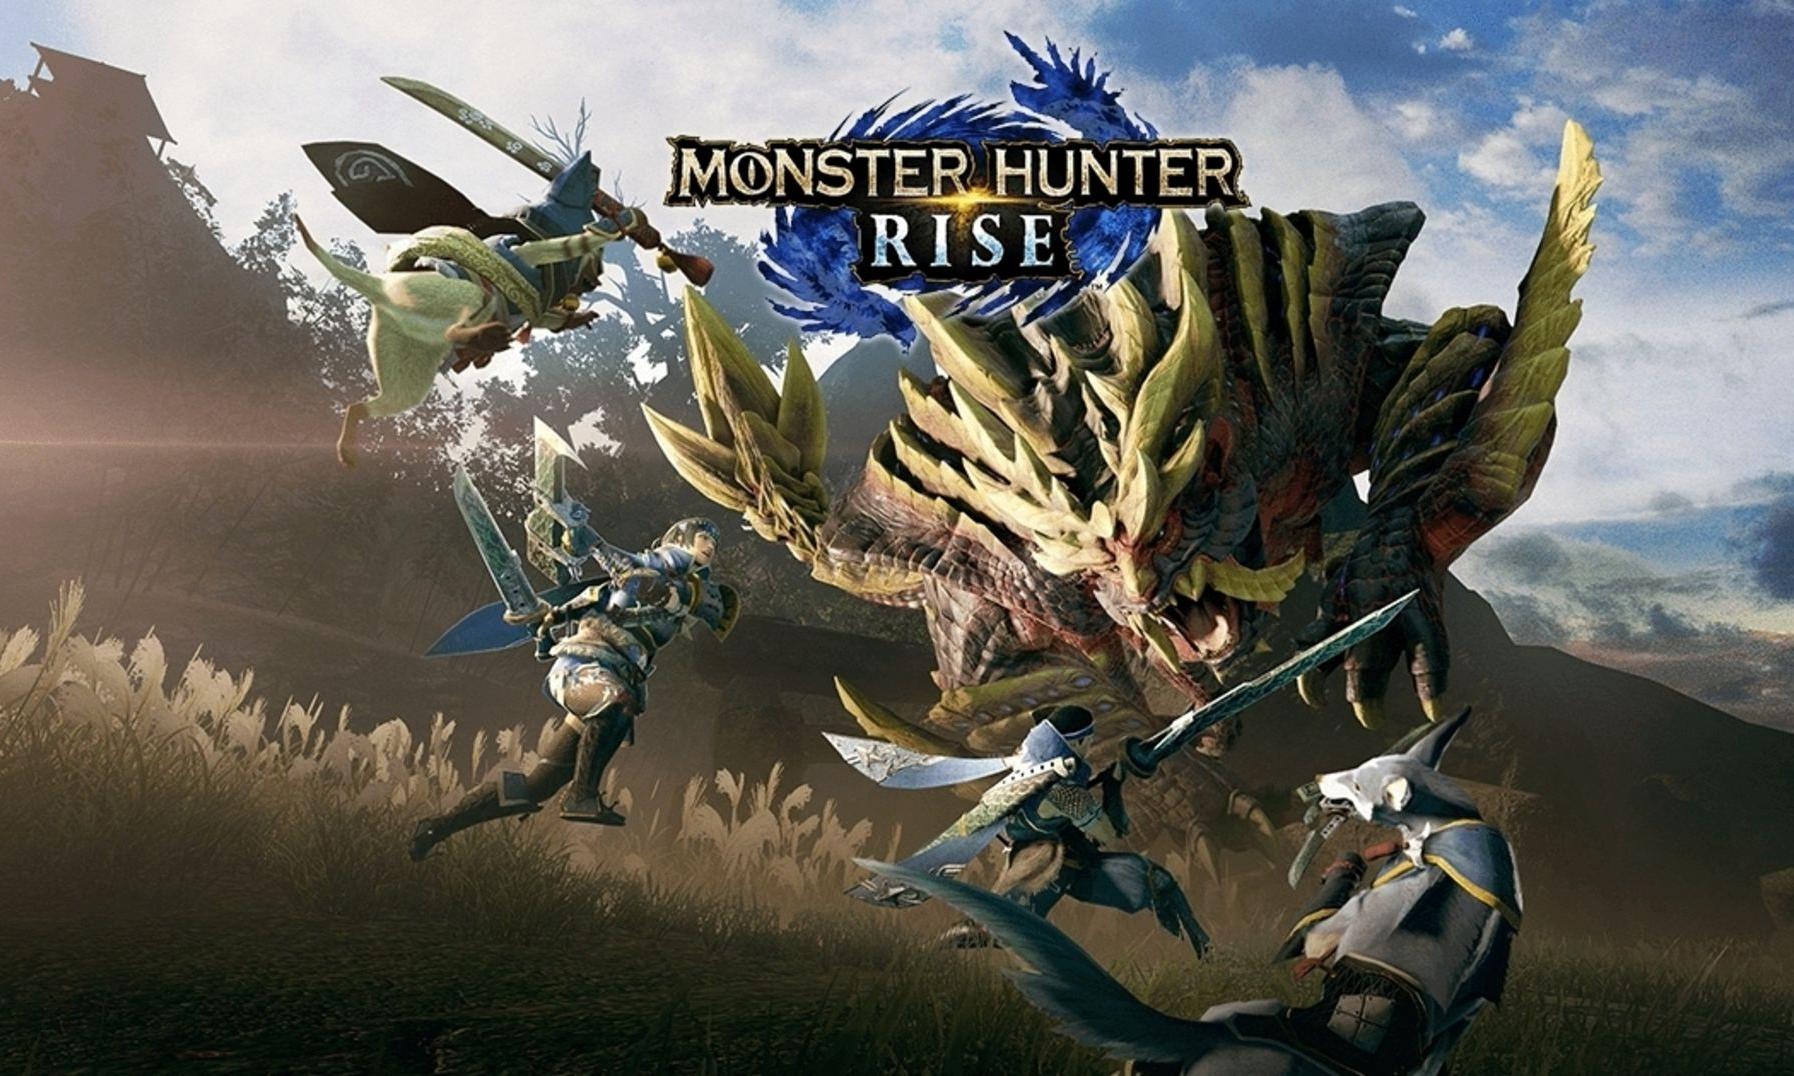 《怪物猎人:崛起》将推出 PC 版本